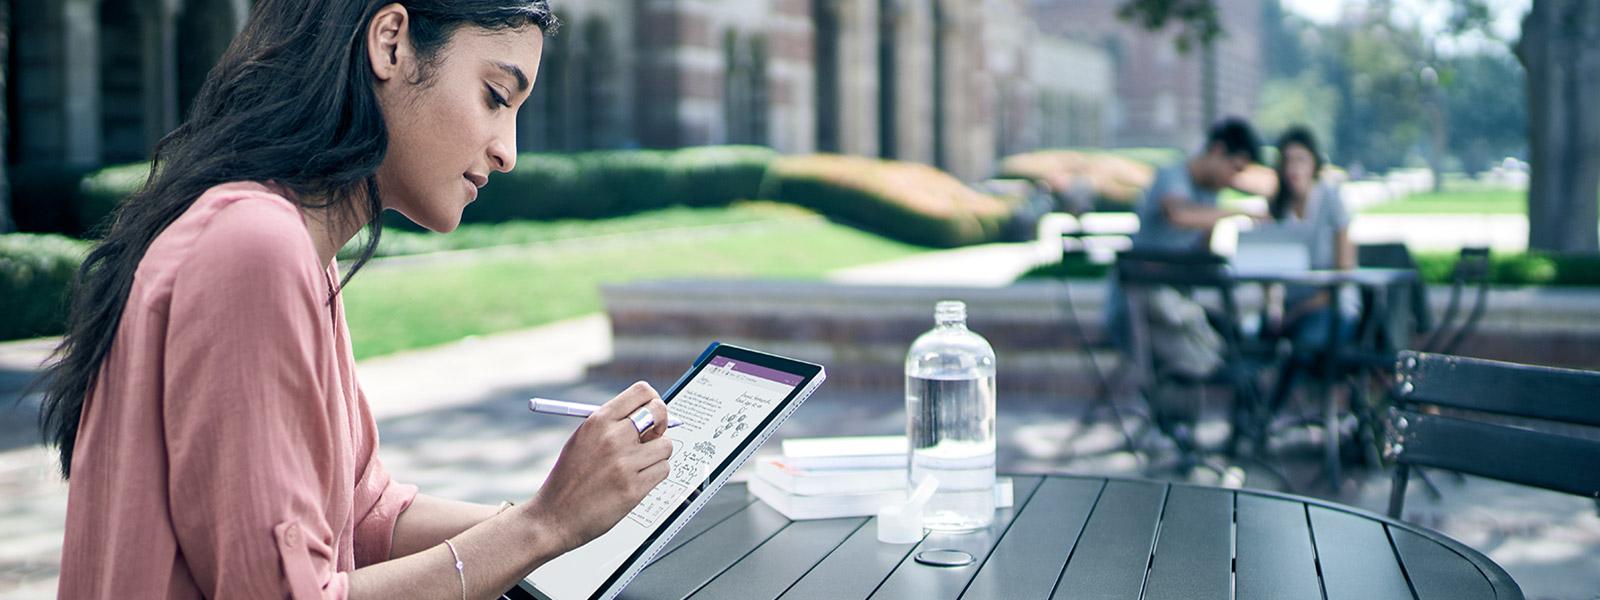 Femme assise dehors, utilisant l'écran tactile du Surface Pro 4 en mode tablette.